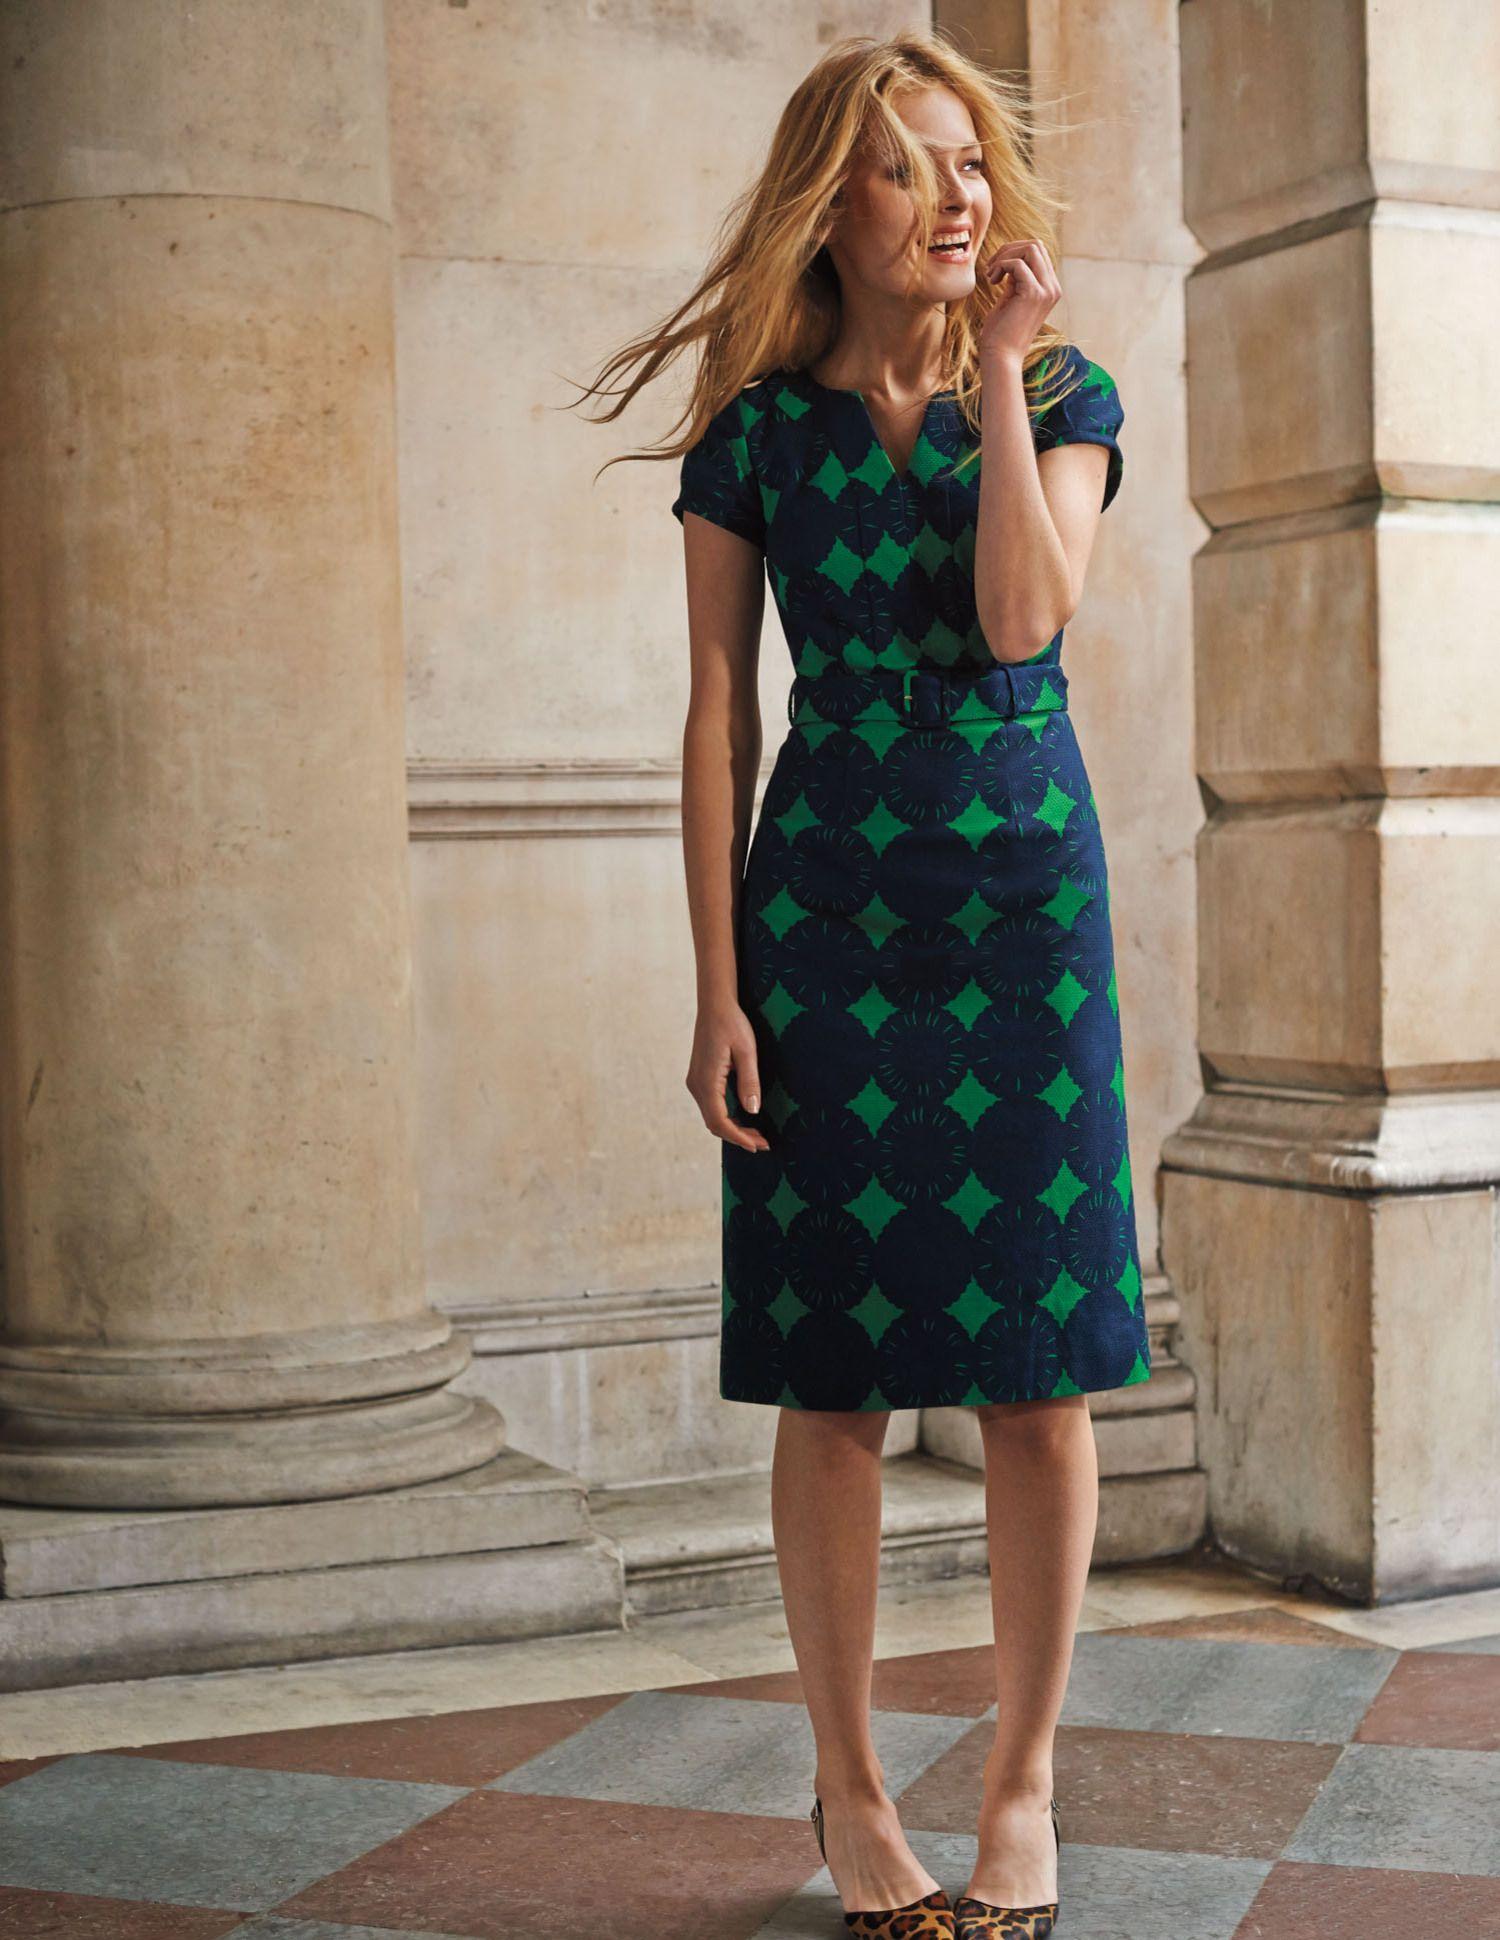 Yasmin Kleid WH19 Festliche Kleider bei Boden  Festliche kleider